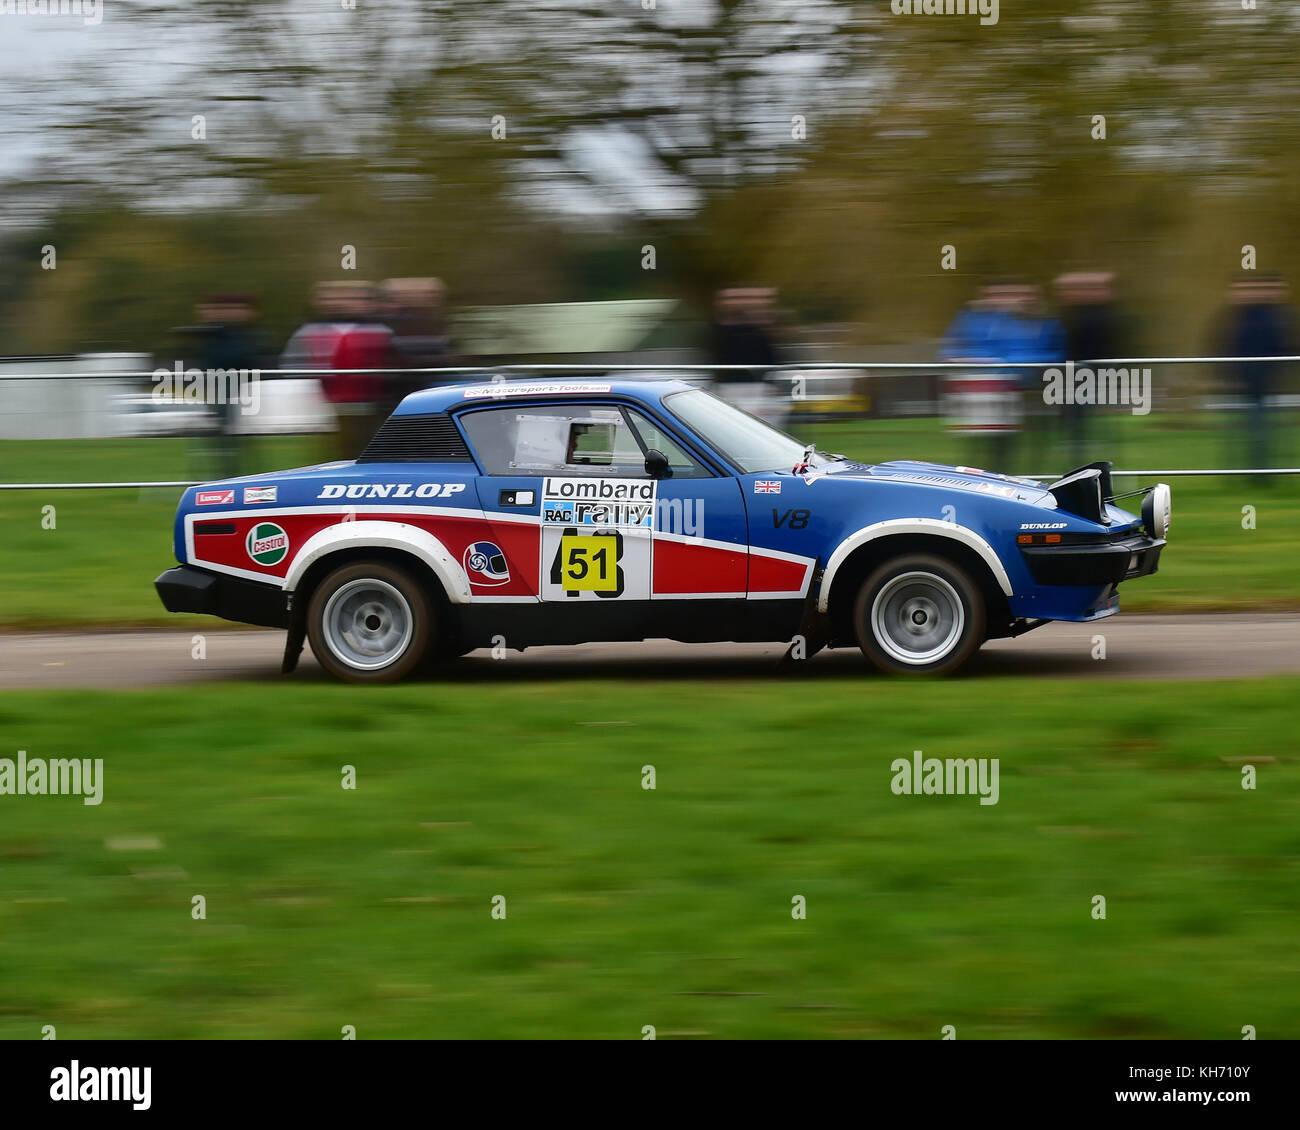 Triumph Tr7 V8 Stock Photos & Triumph Tr7 V8 Stock Images - Alamy